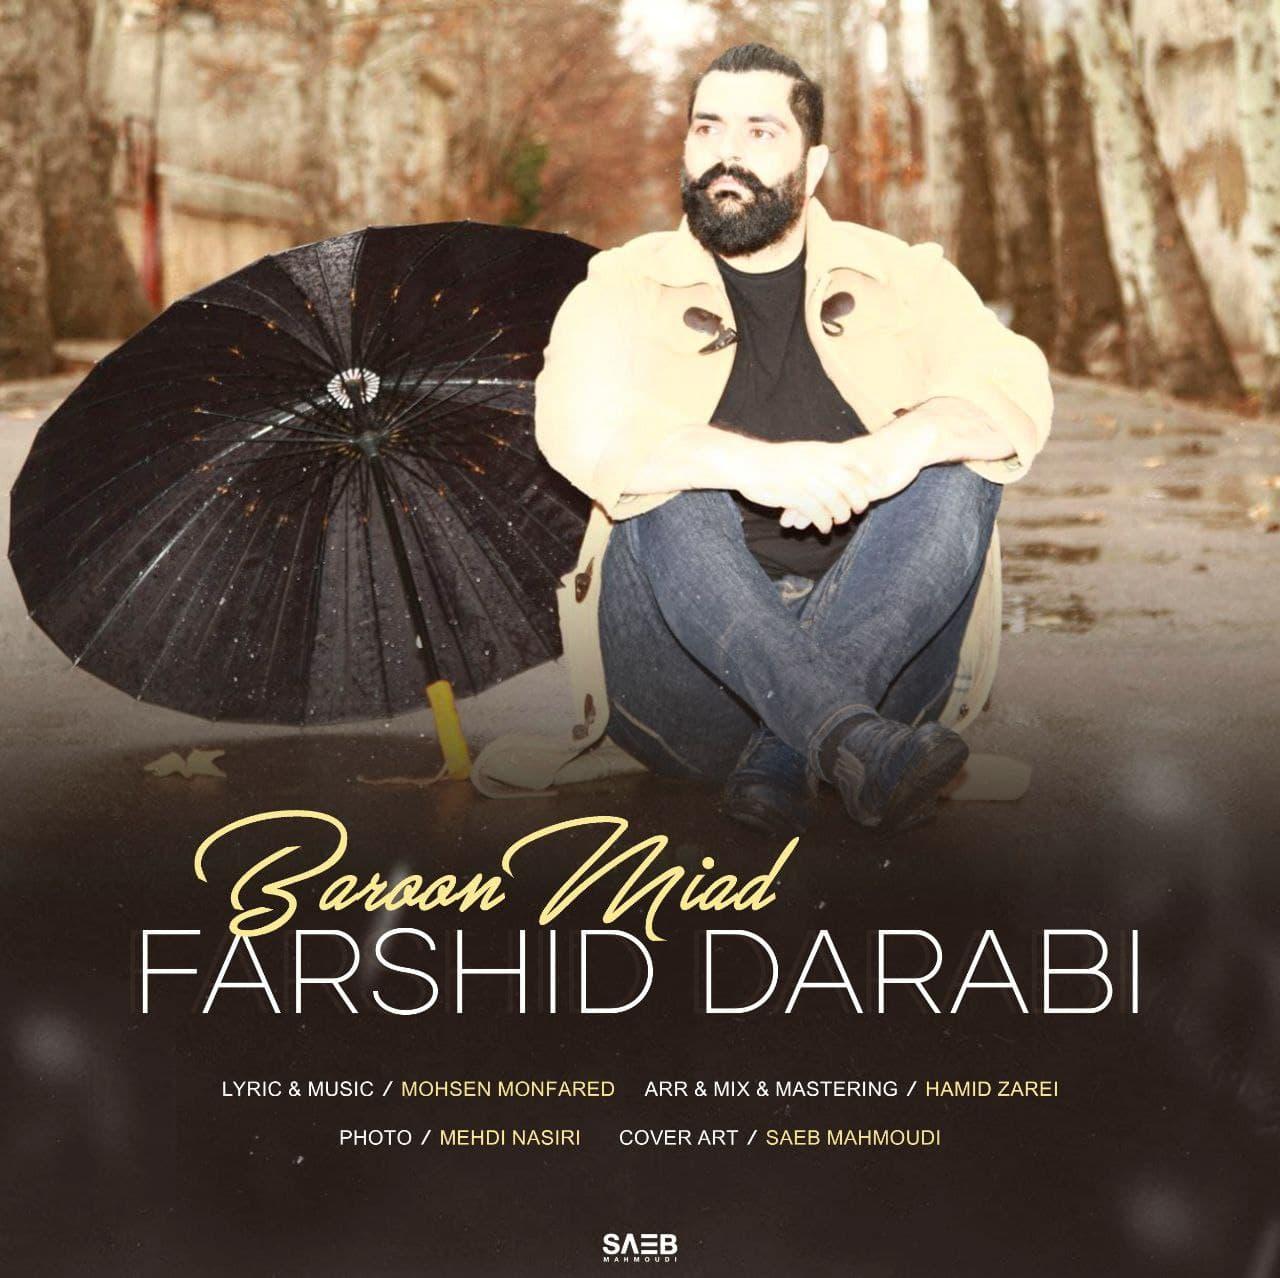 Farshid Darabi – Baroon Miad